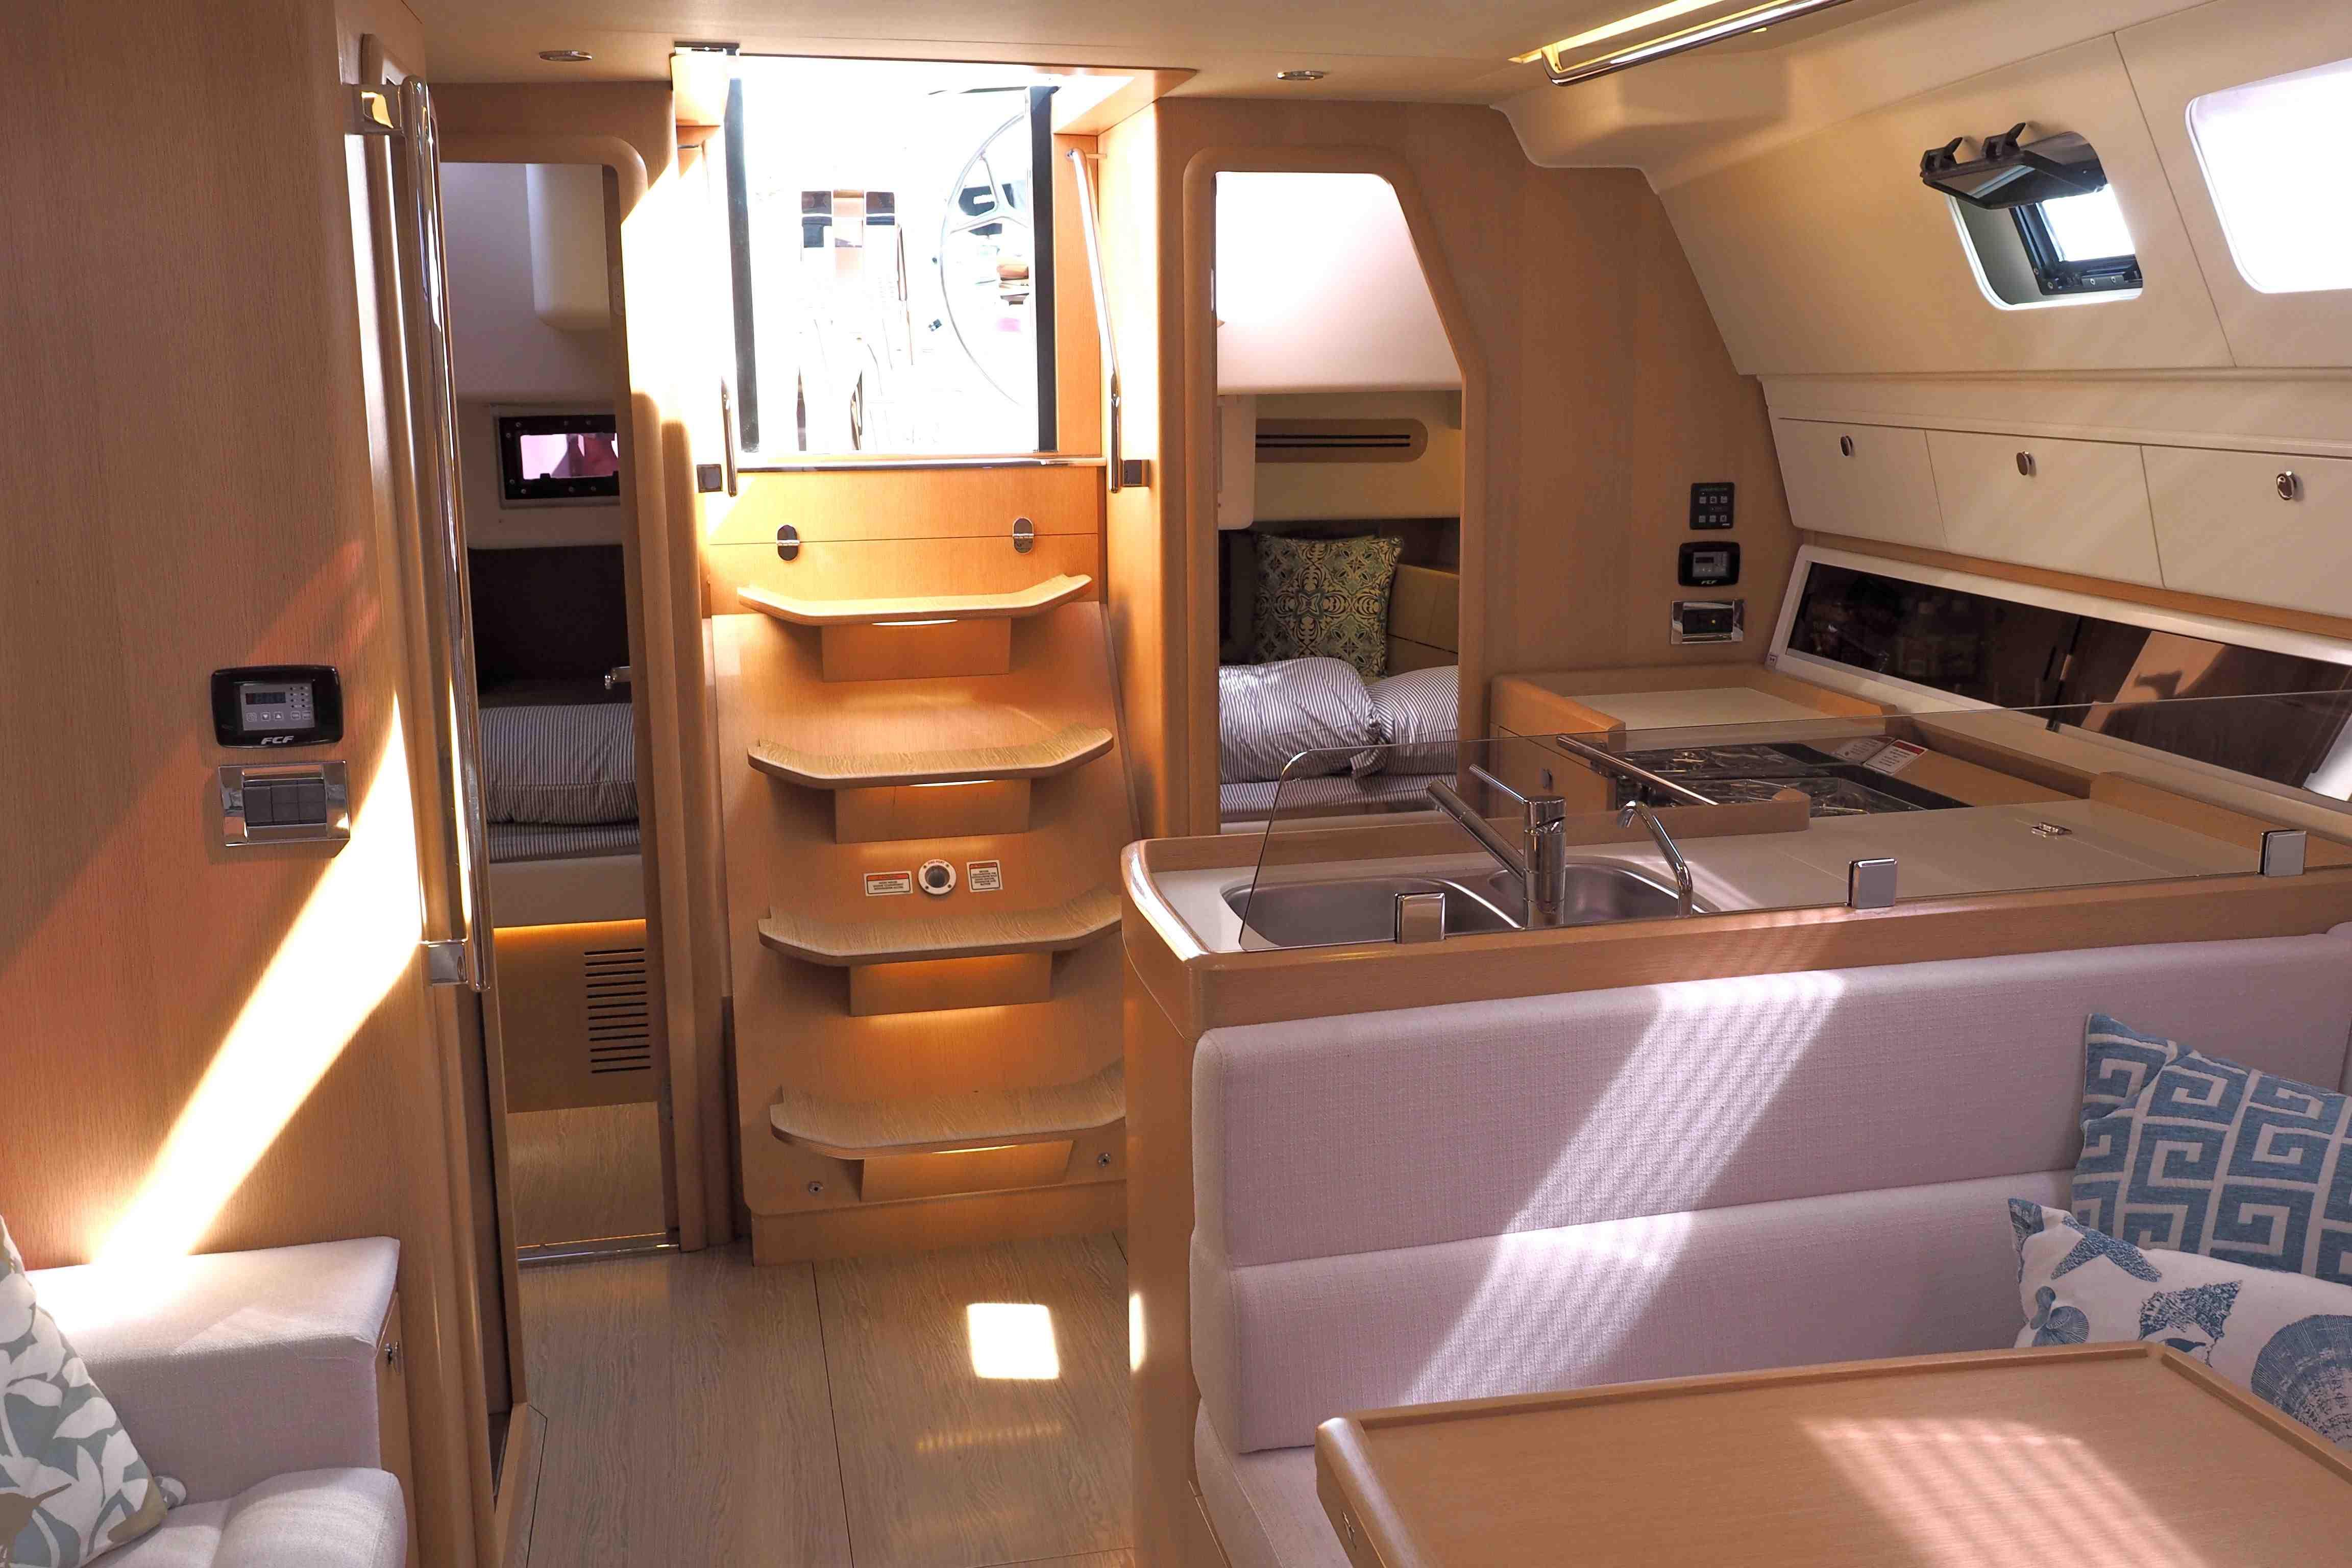 Willkommen im Salon: Gut verarbeitet und modern, aber nicht über-drüber gestylt. So präsentiert sich die Azuree 46 unter Deck. Foto: Dieter Loibner